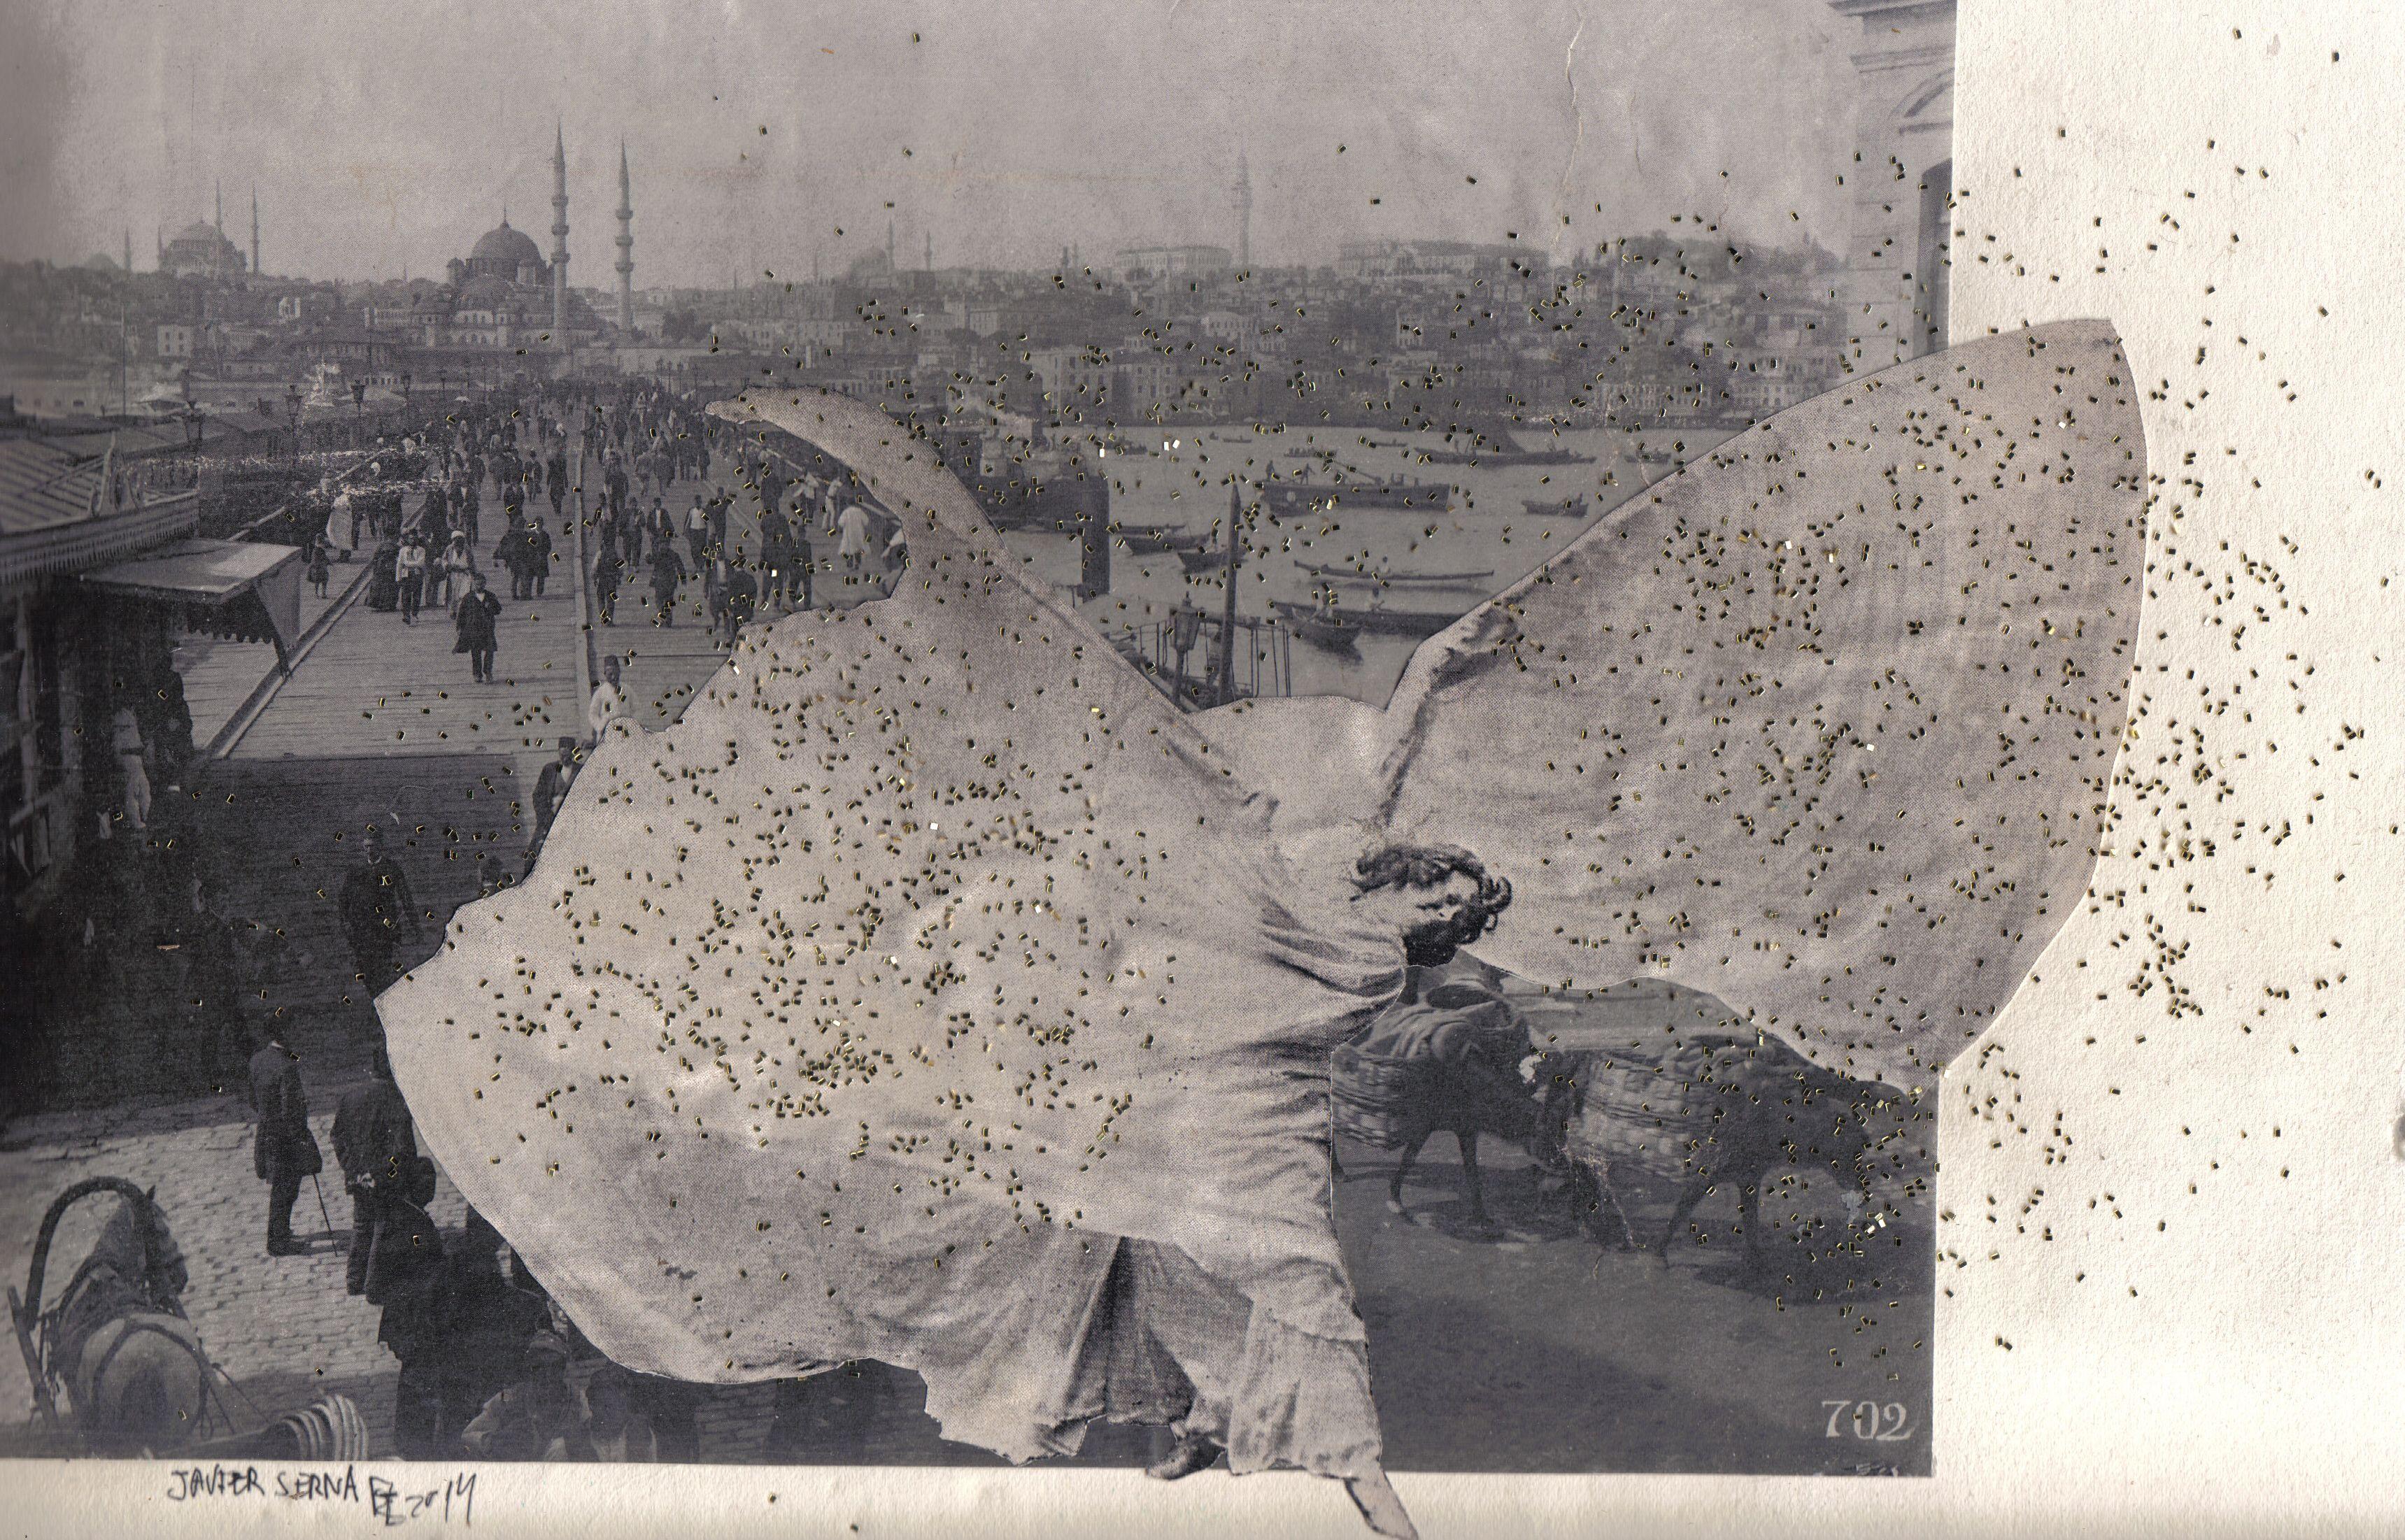 Javier Serna, Estambul